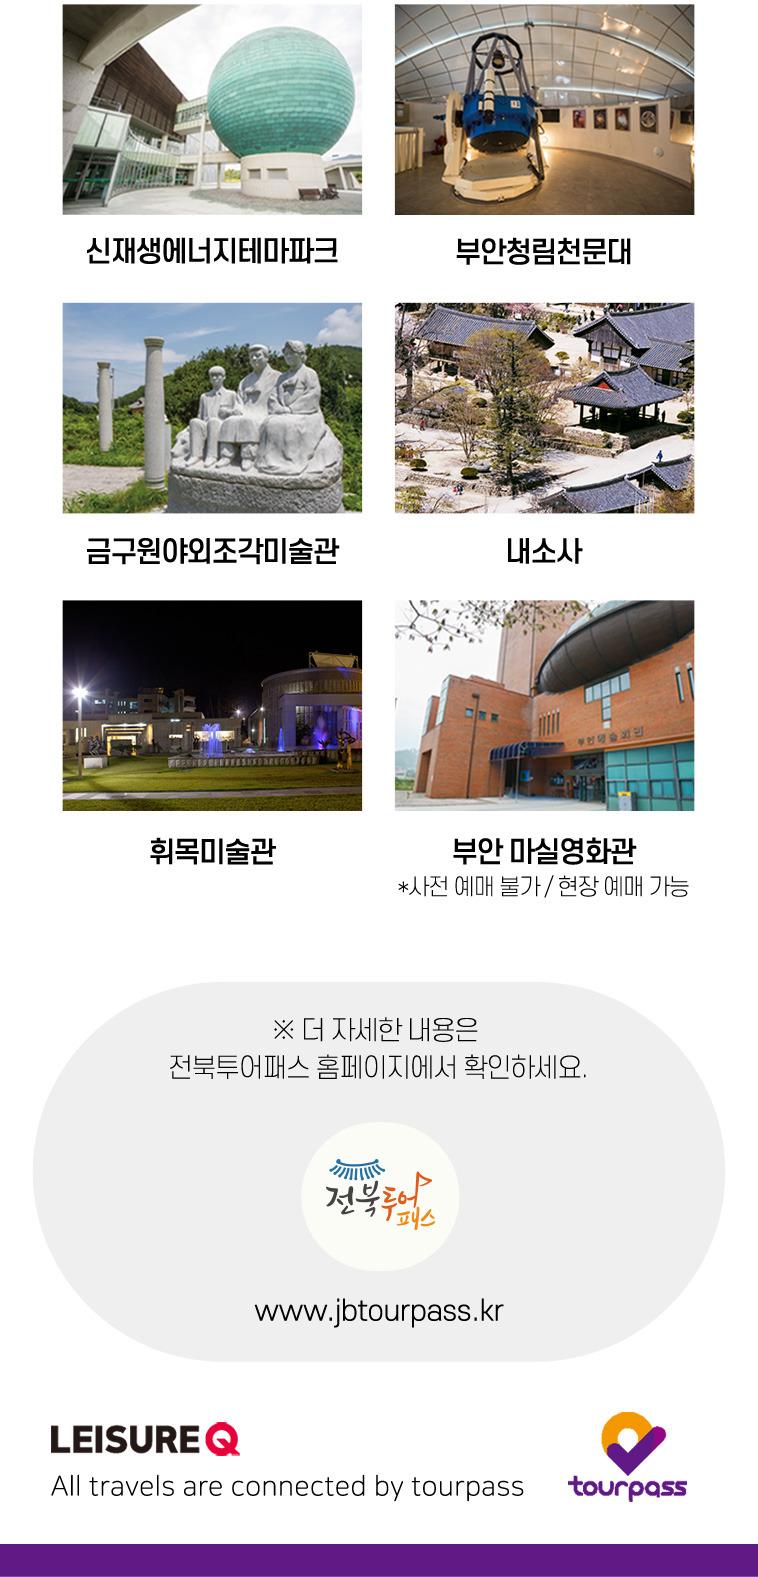 [투데이특가] 전북투어패스 3일권 - 상세정보